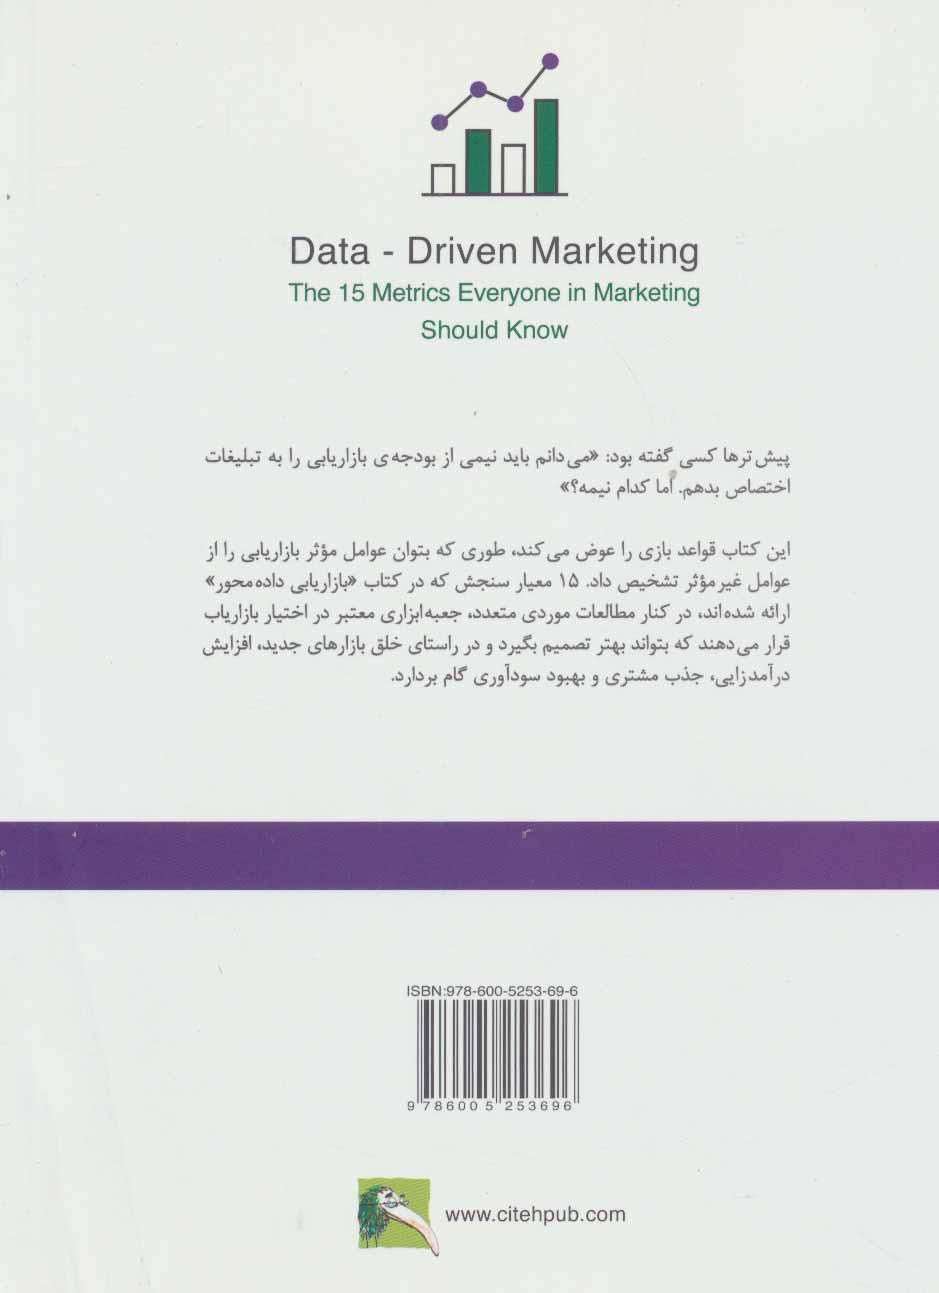 اصول بازاریابی داده محور (15 معیاری که هر بازاریابی باید بداند)